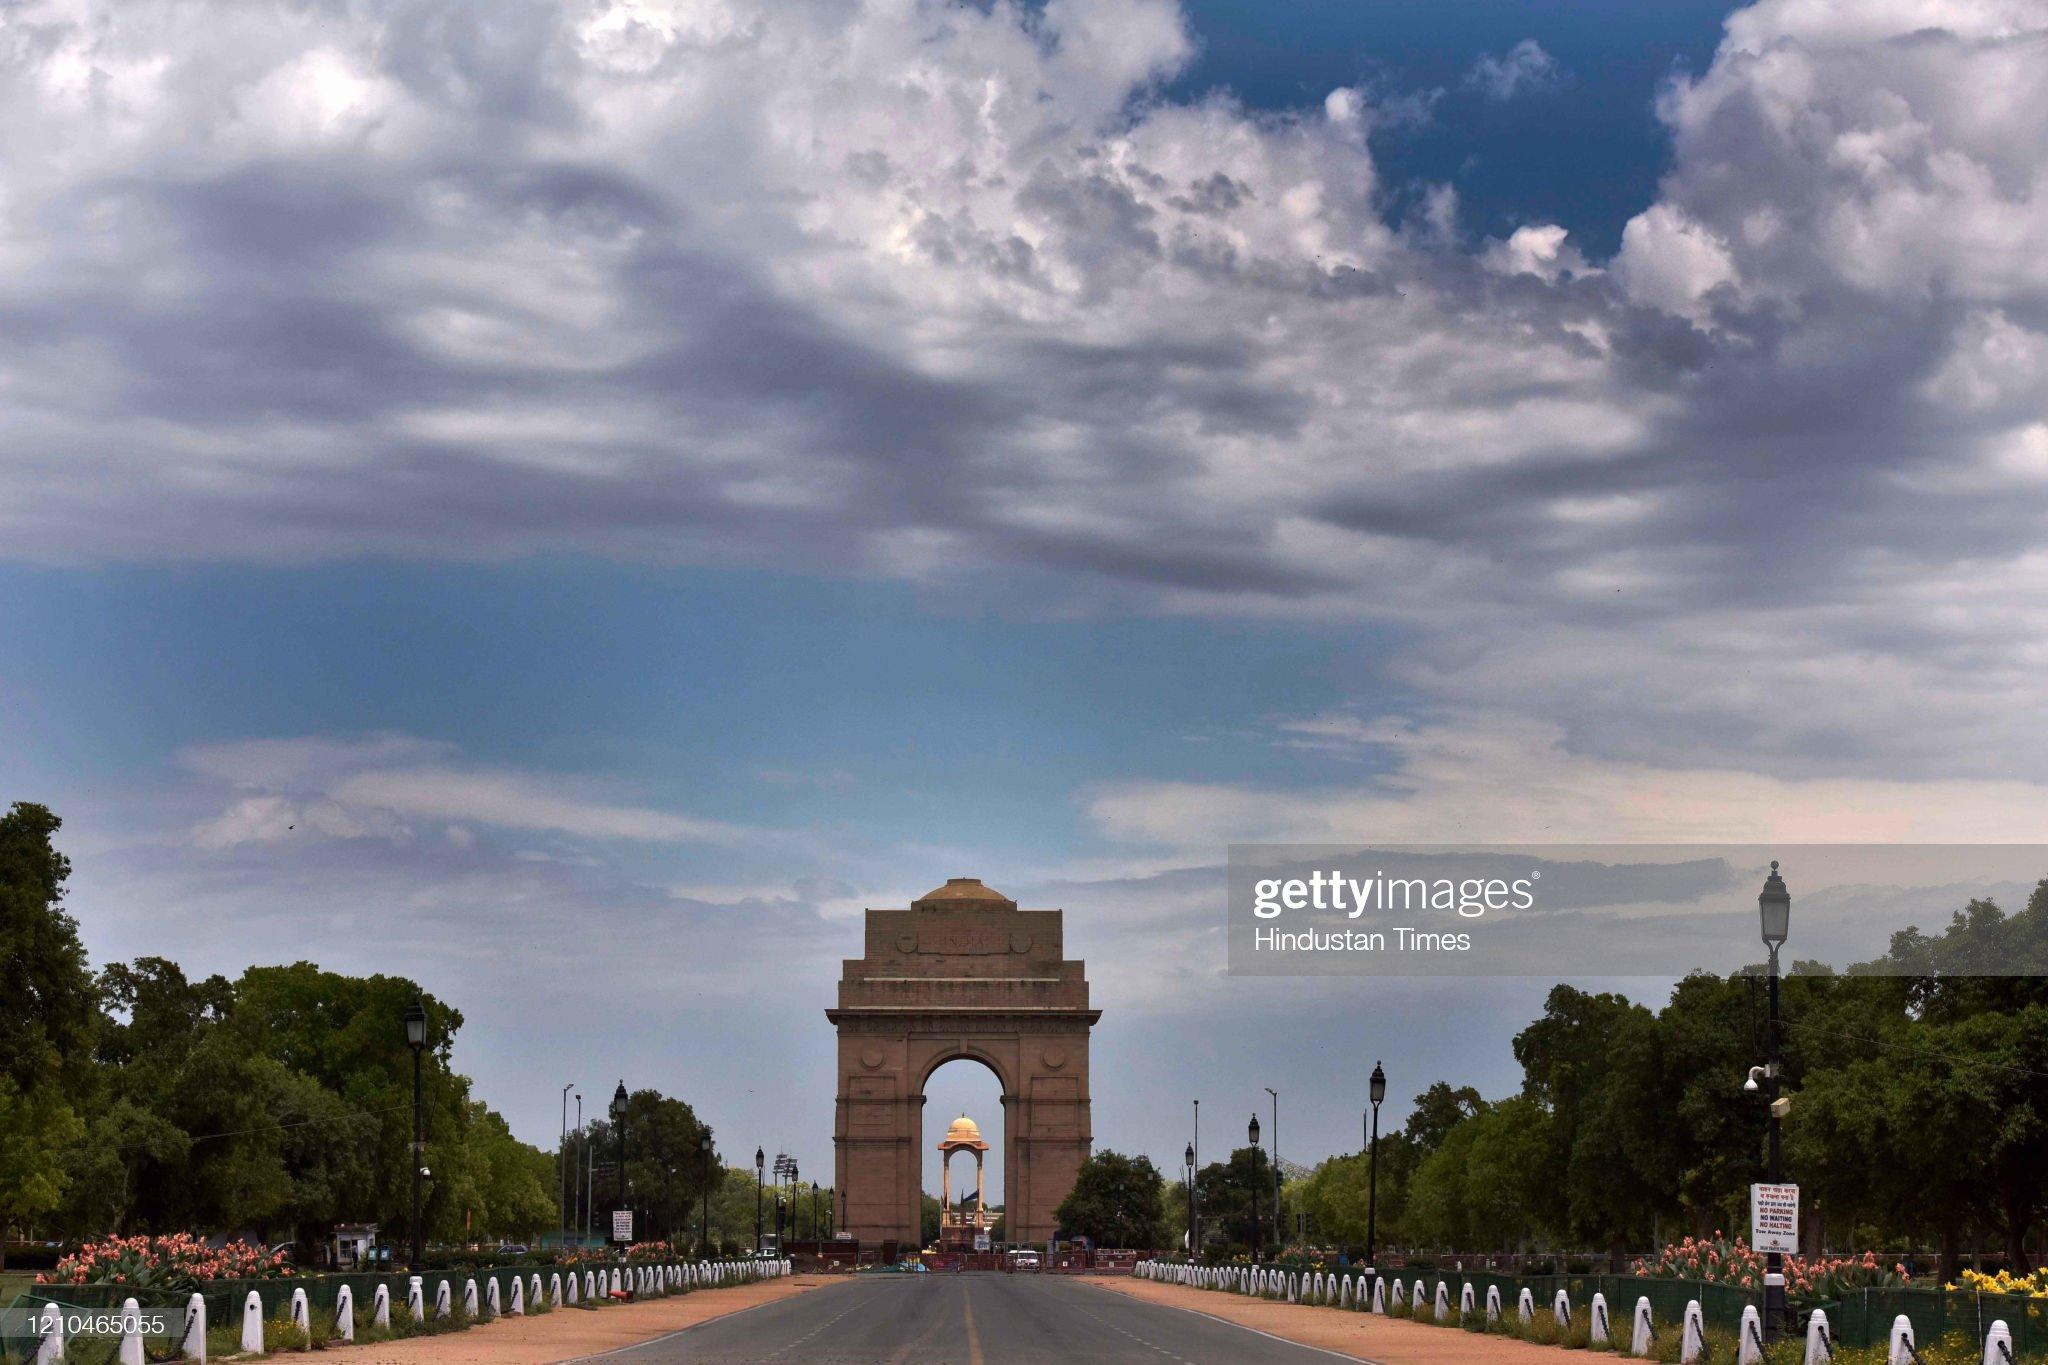 Due To Coronavirus Lockdown, Delhi NCR See Clear Blue Skies As Air Pollution Drops : News Photo